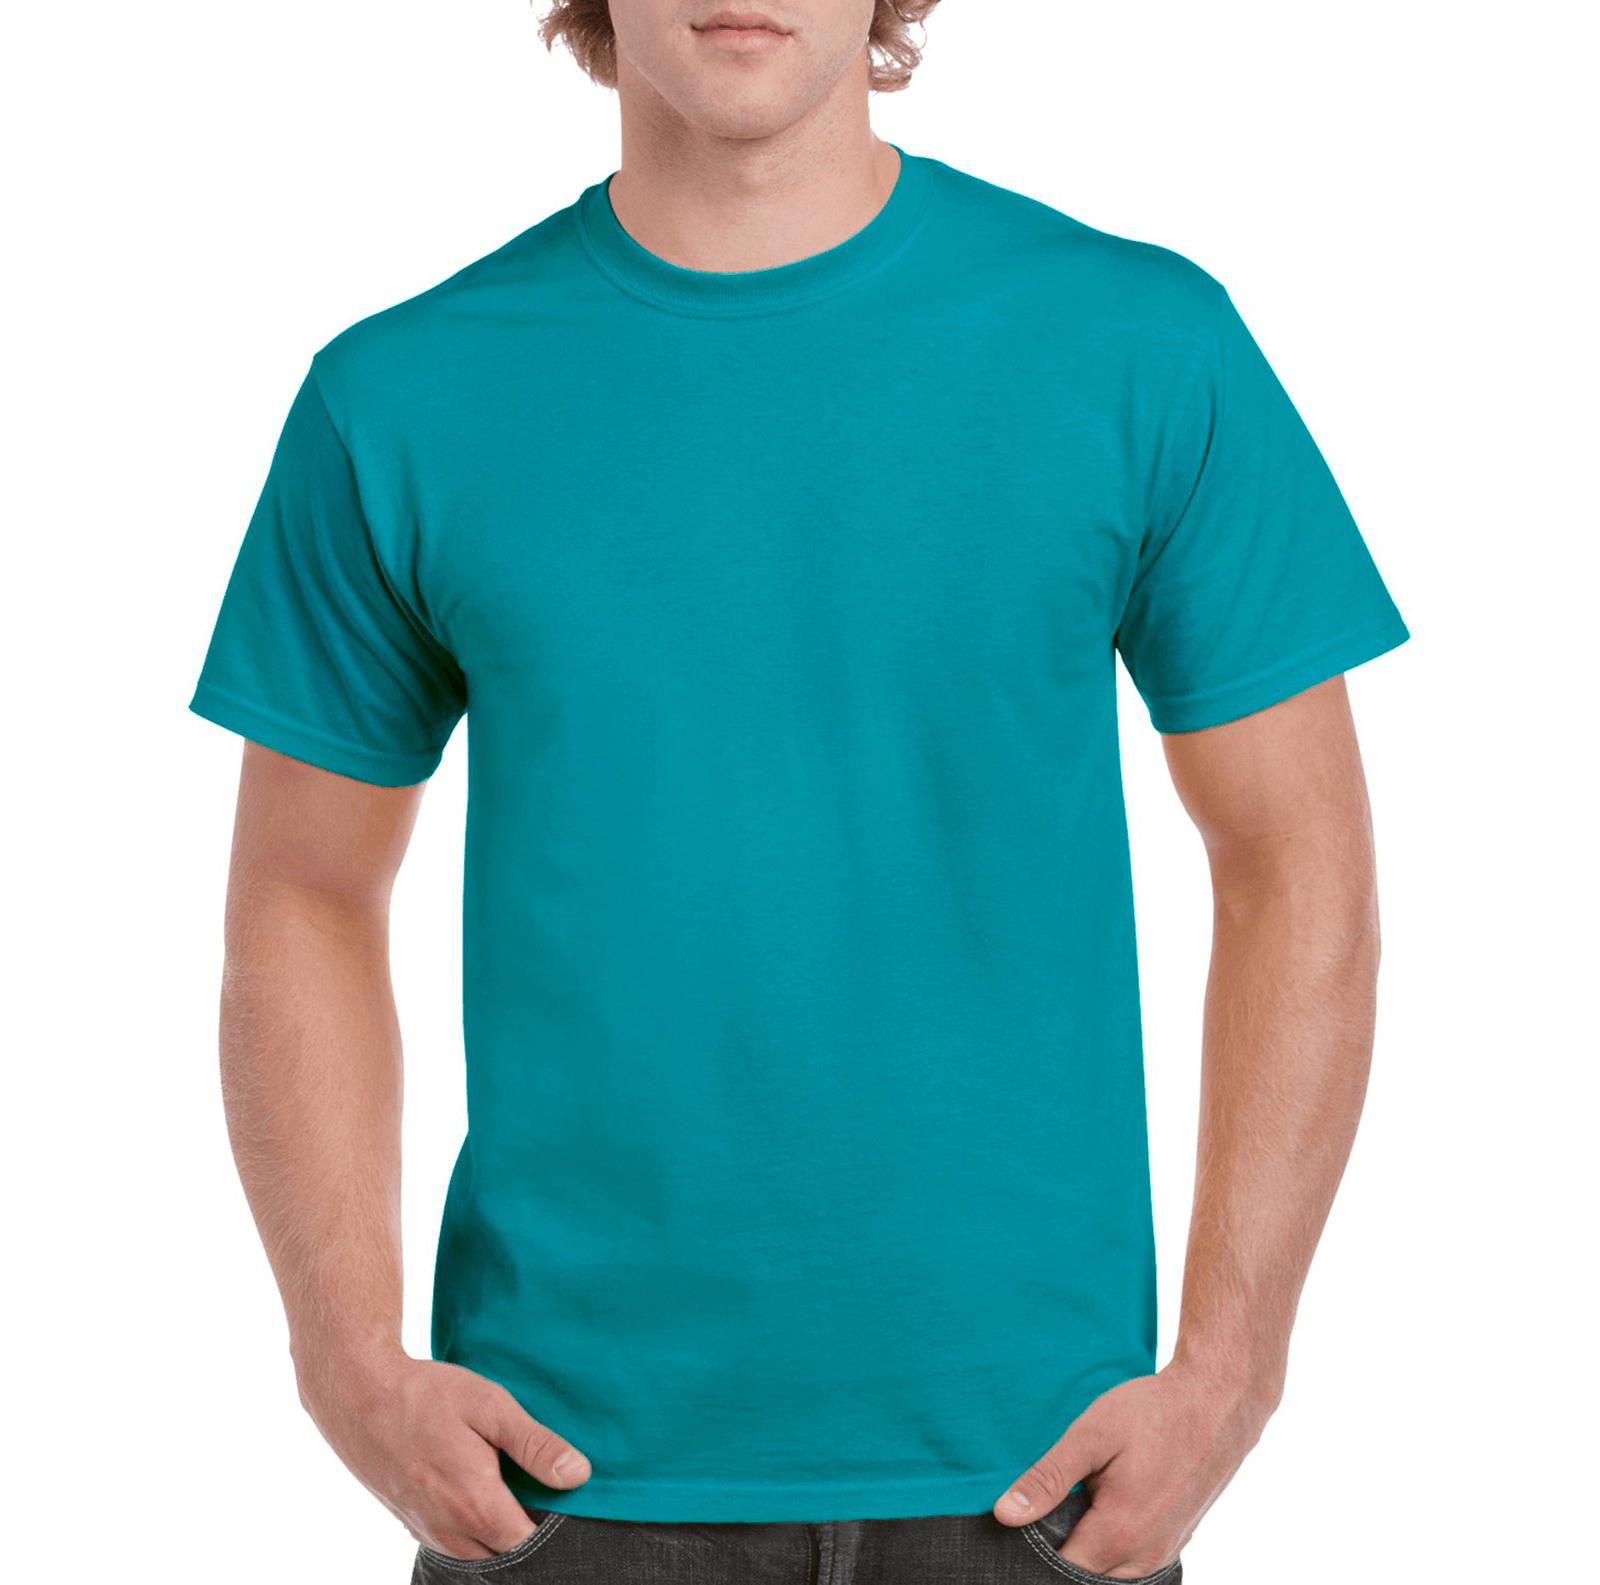 Selling Bulk T Shirts - Making it Profitable